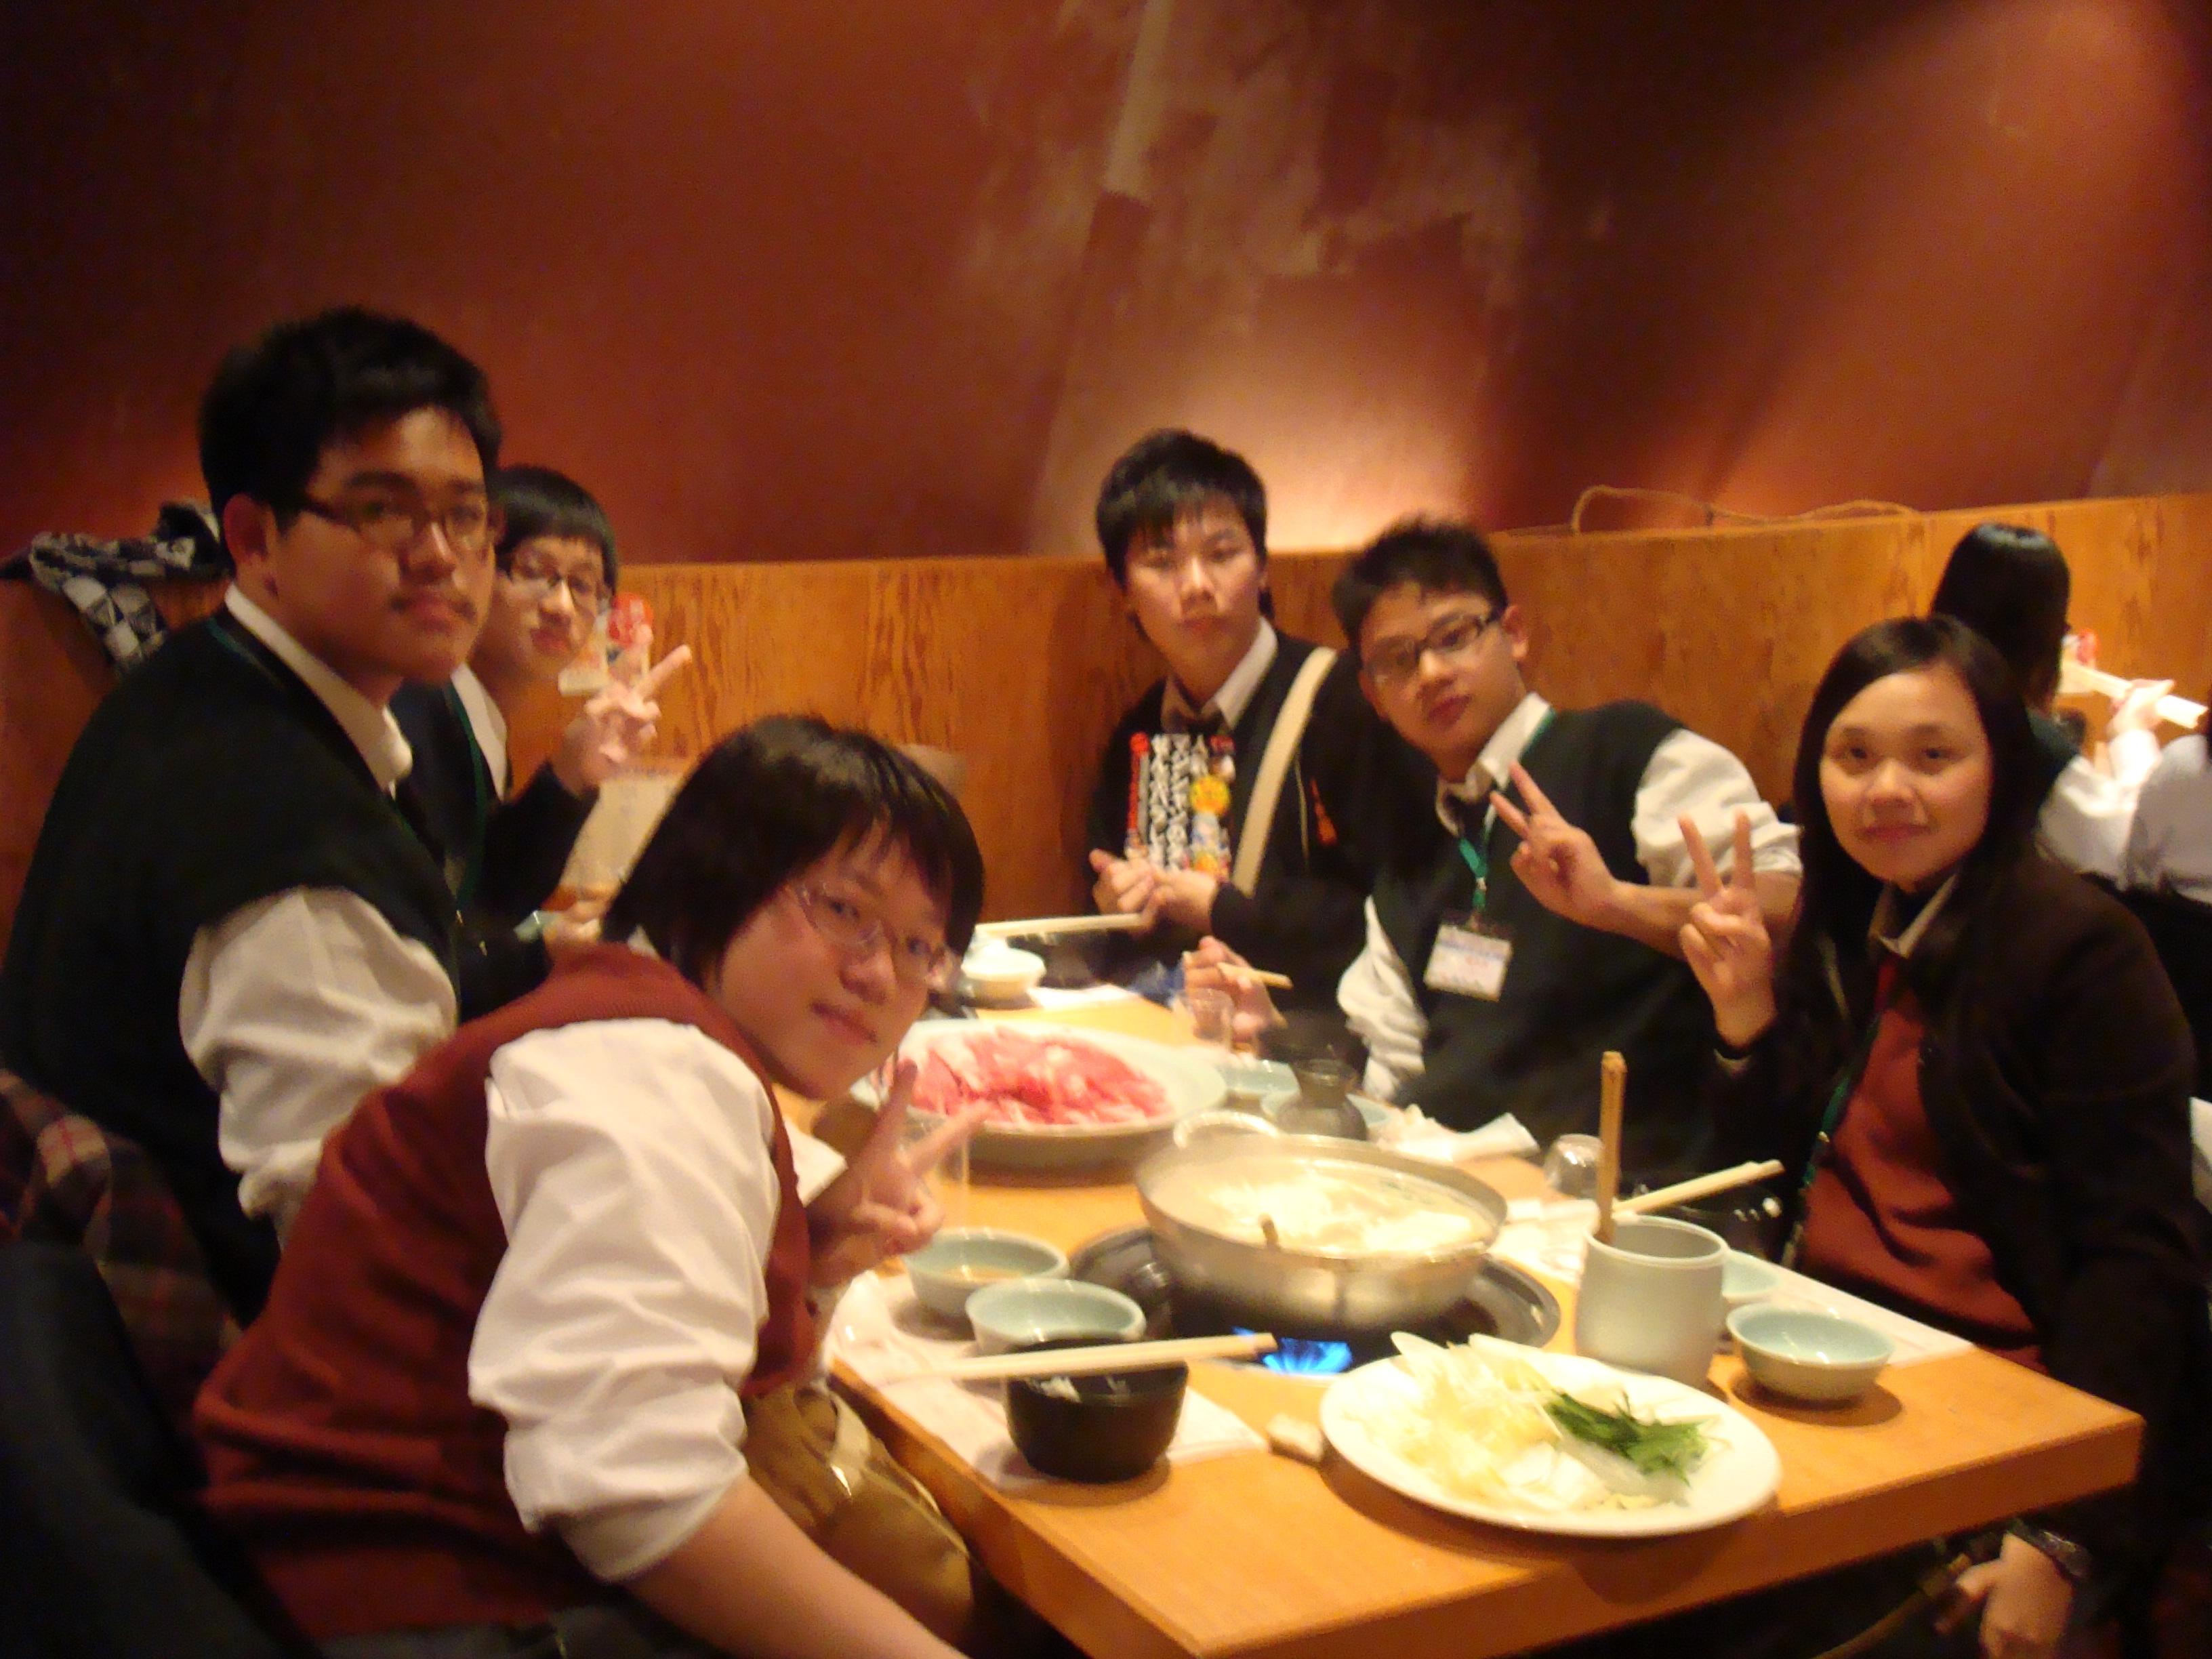 日式風味壽喜鍋料理見習